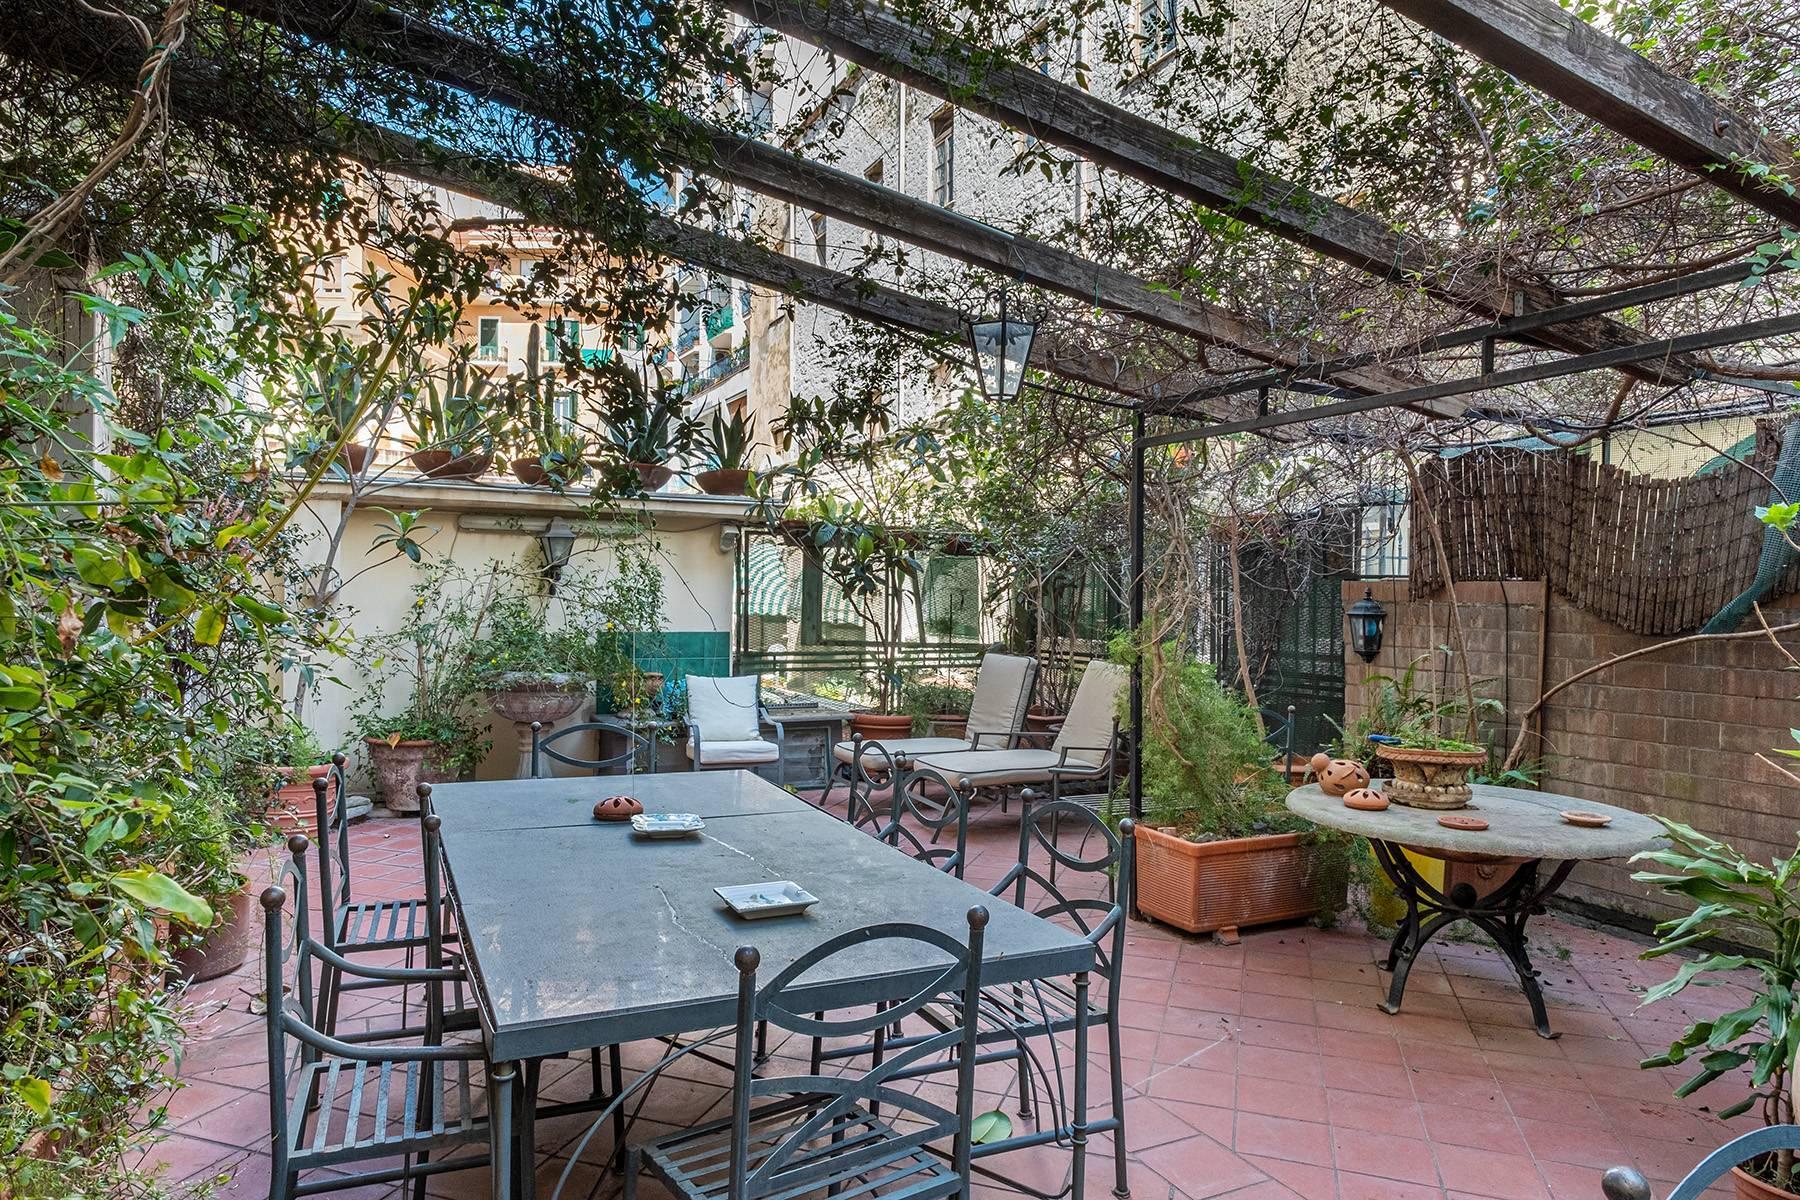 Eclettica dimora indipendente con terrazza e giardino - 1